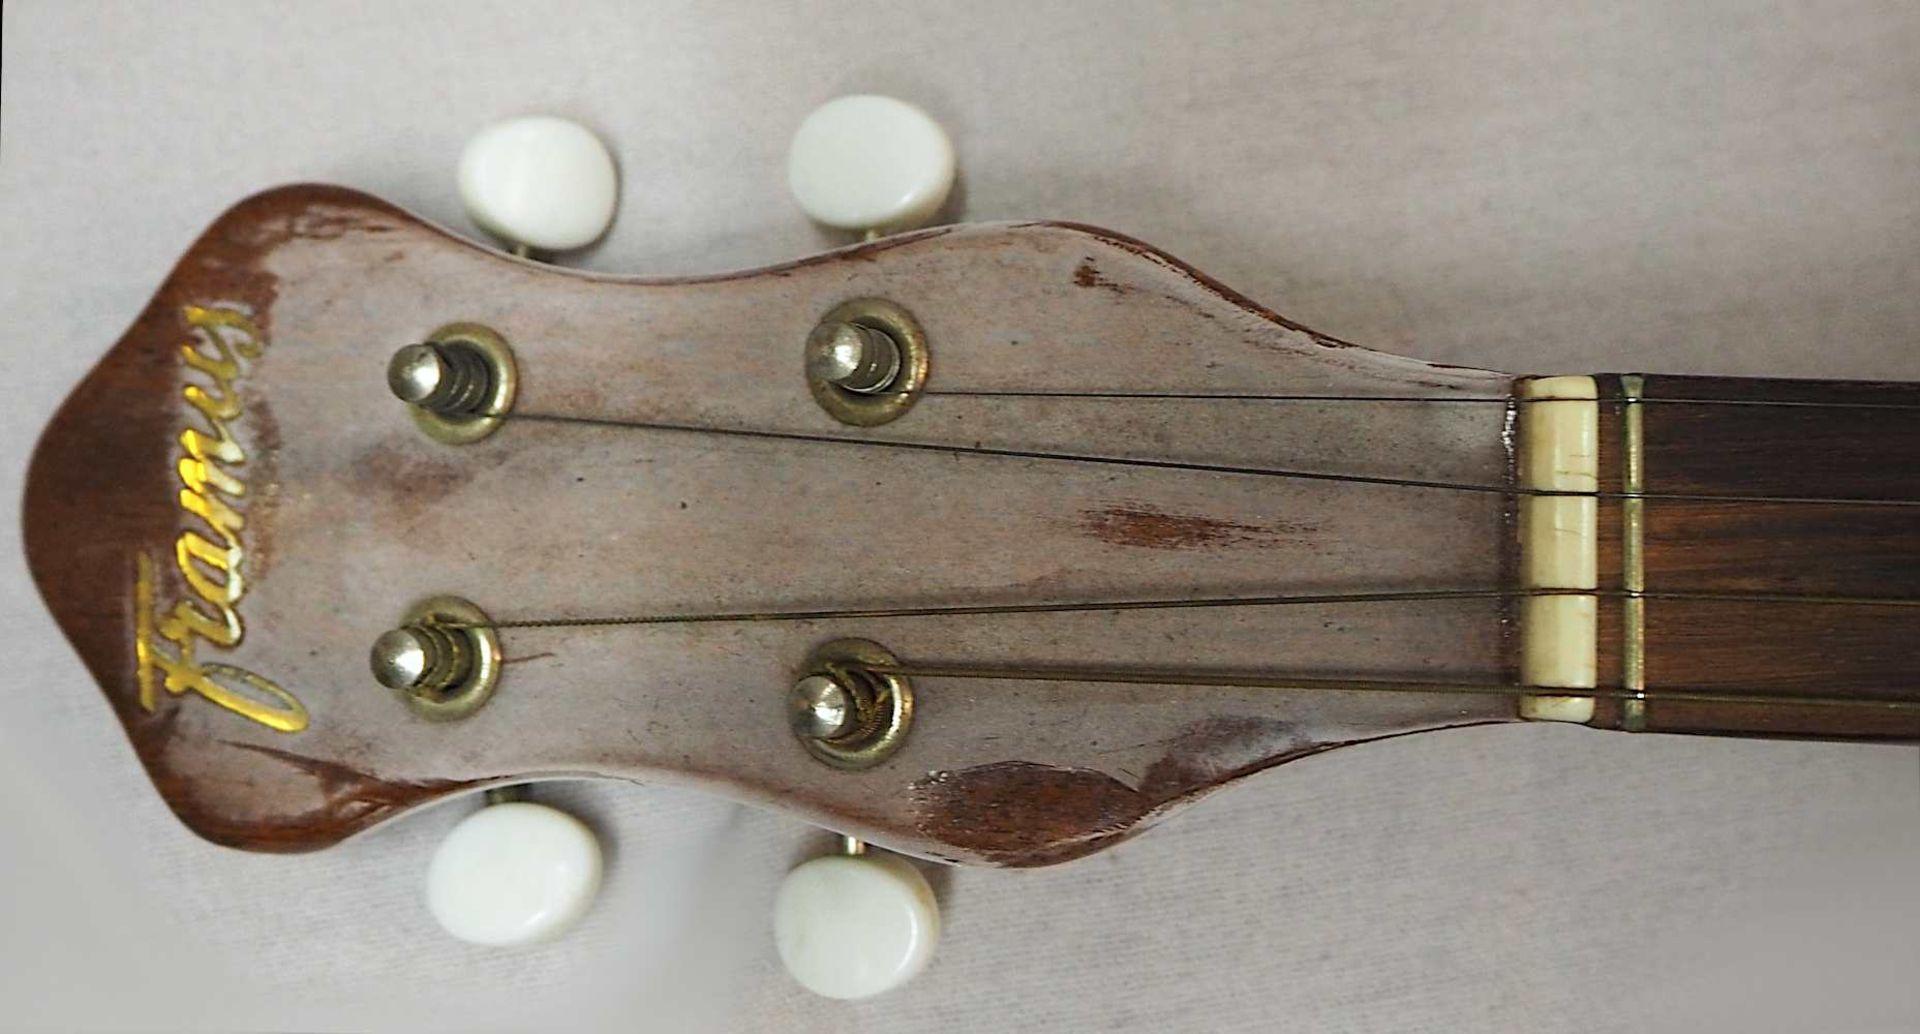 1 Banjo auf Resonanzfell/Kopfplatte bez. FRAMUS, wohl 1960er Jahre 4-saitig, mit Metal - Bild 3 aus 5